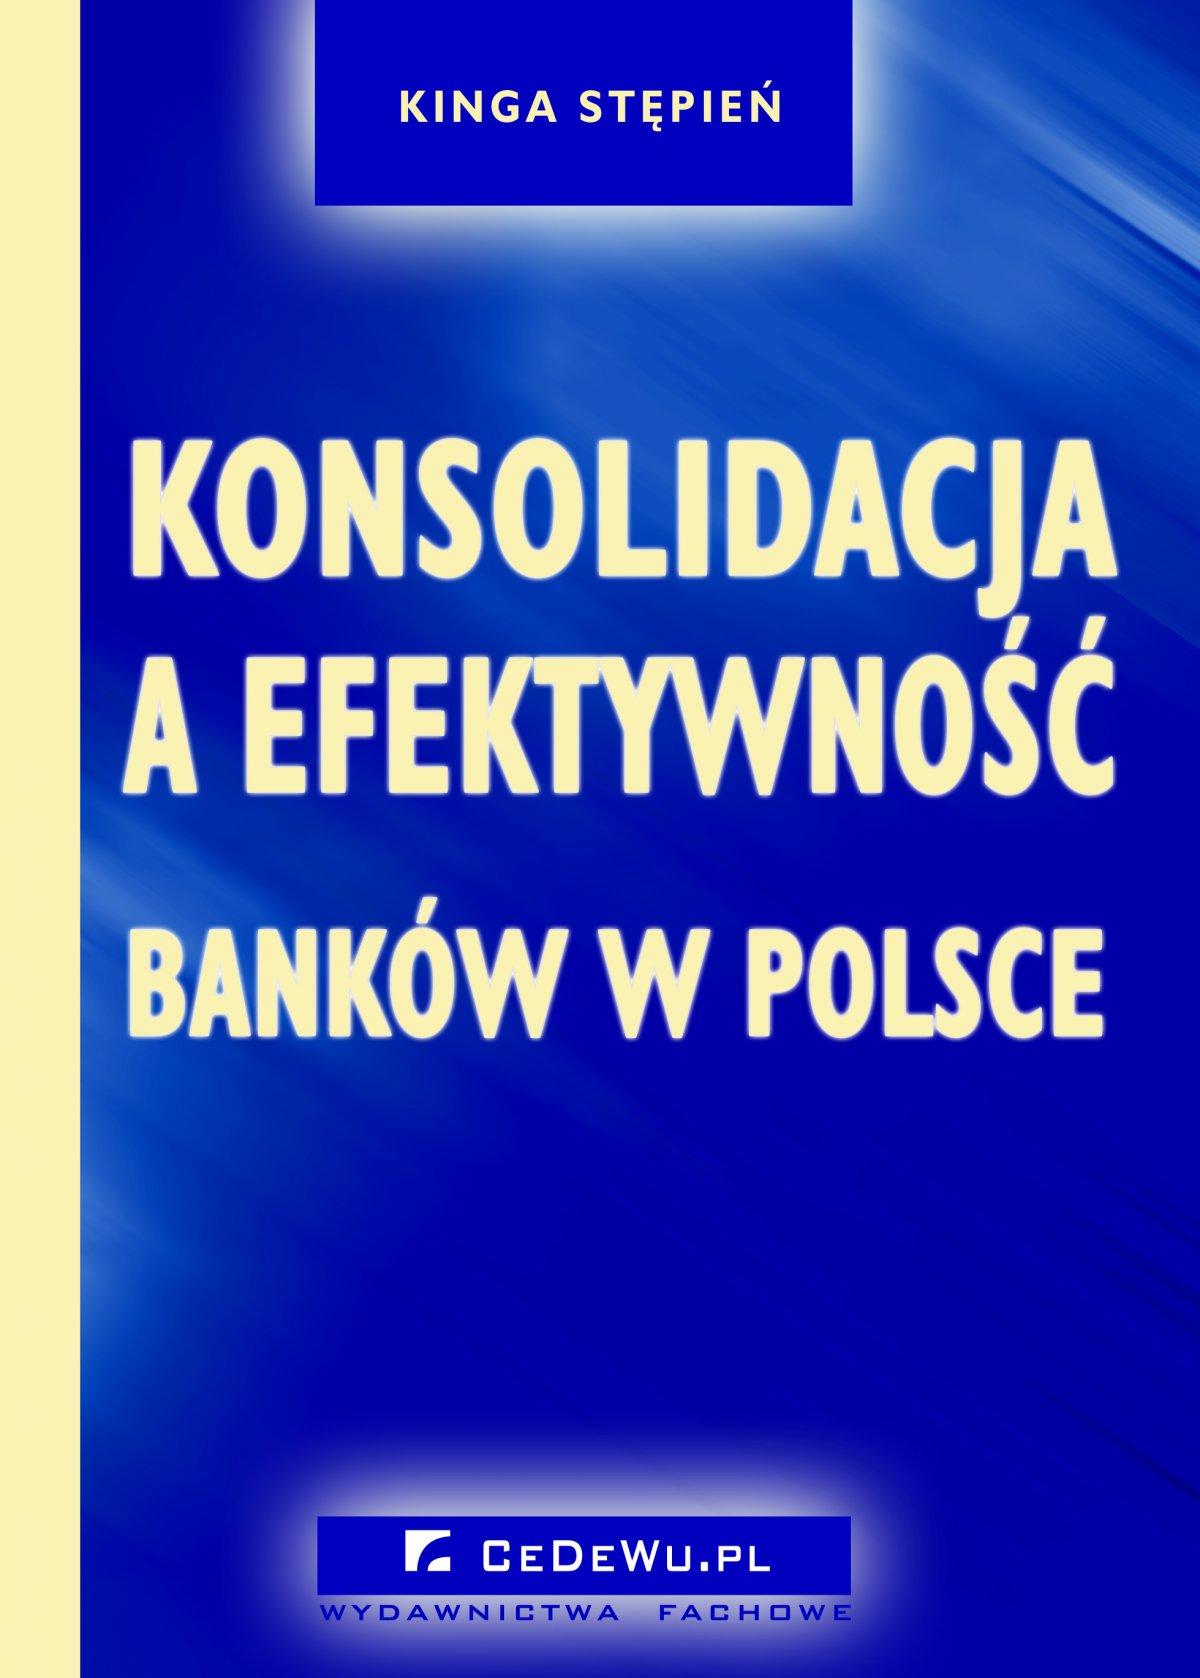 Konsolidacja a efektywność banków w Polsce - Ebook (Książka PDF) do pobrania w formacie PDF